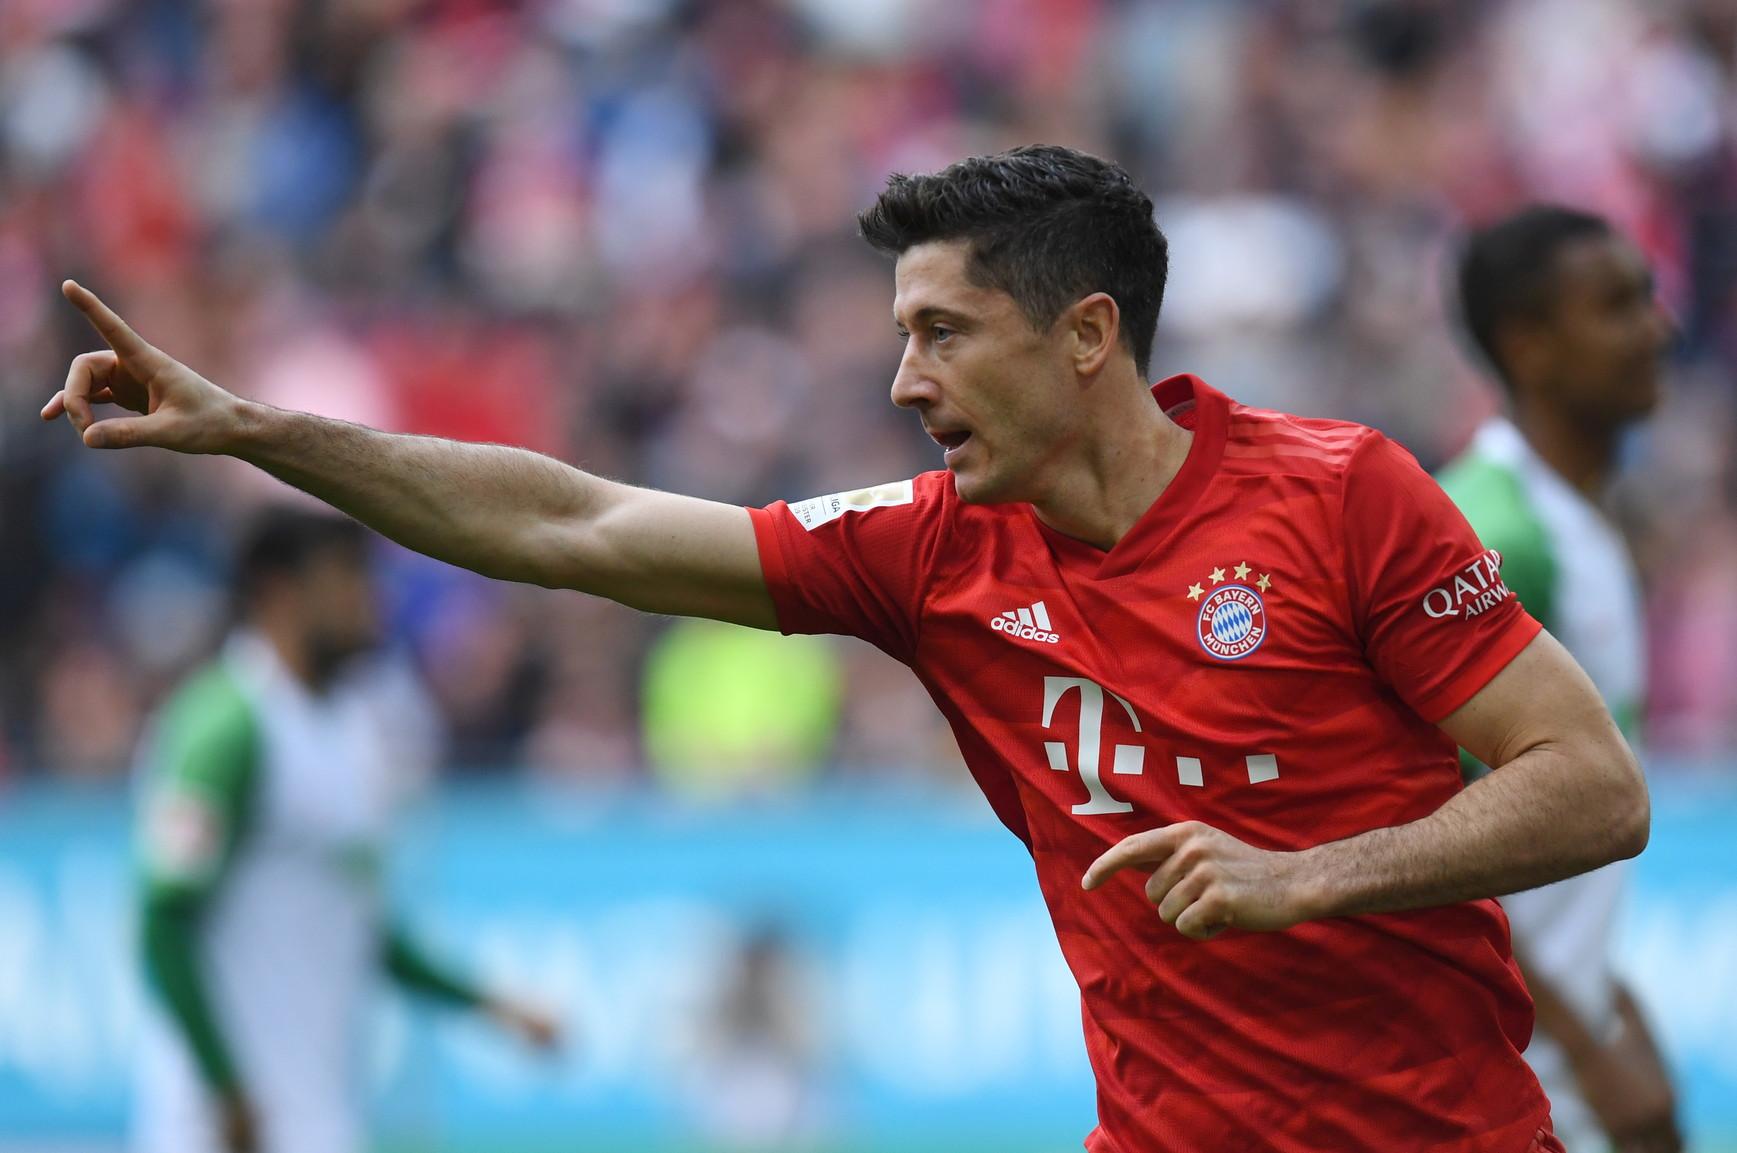 Lewandowski è a quota 27 gol in 20 partite con la maglia del Bayern Monaco in questo scorcio di stagione